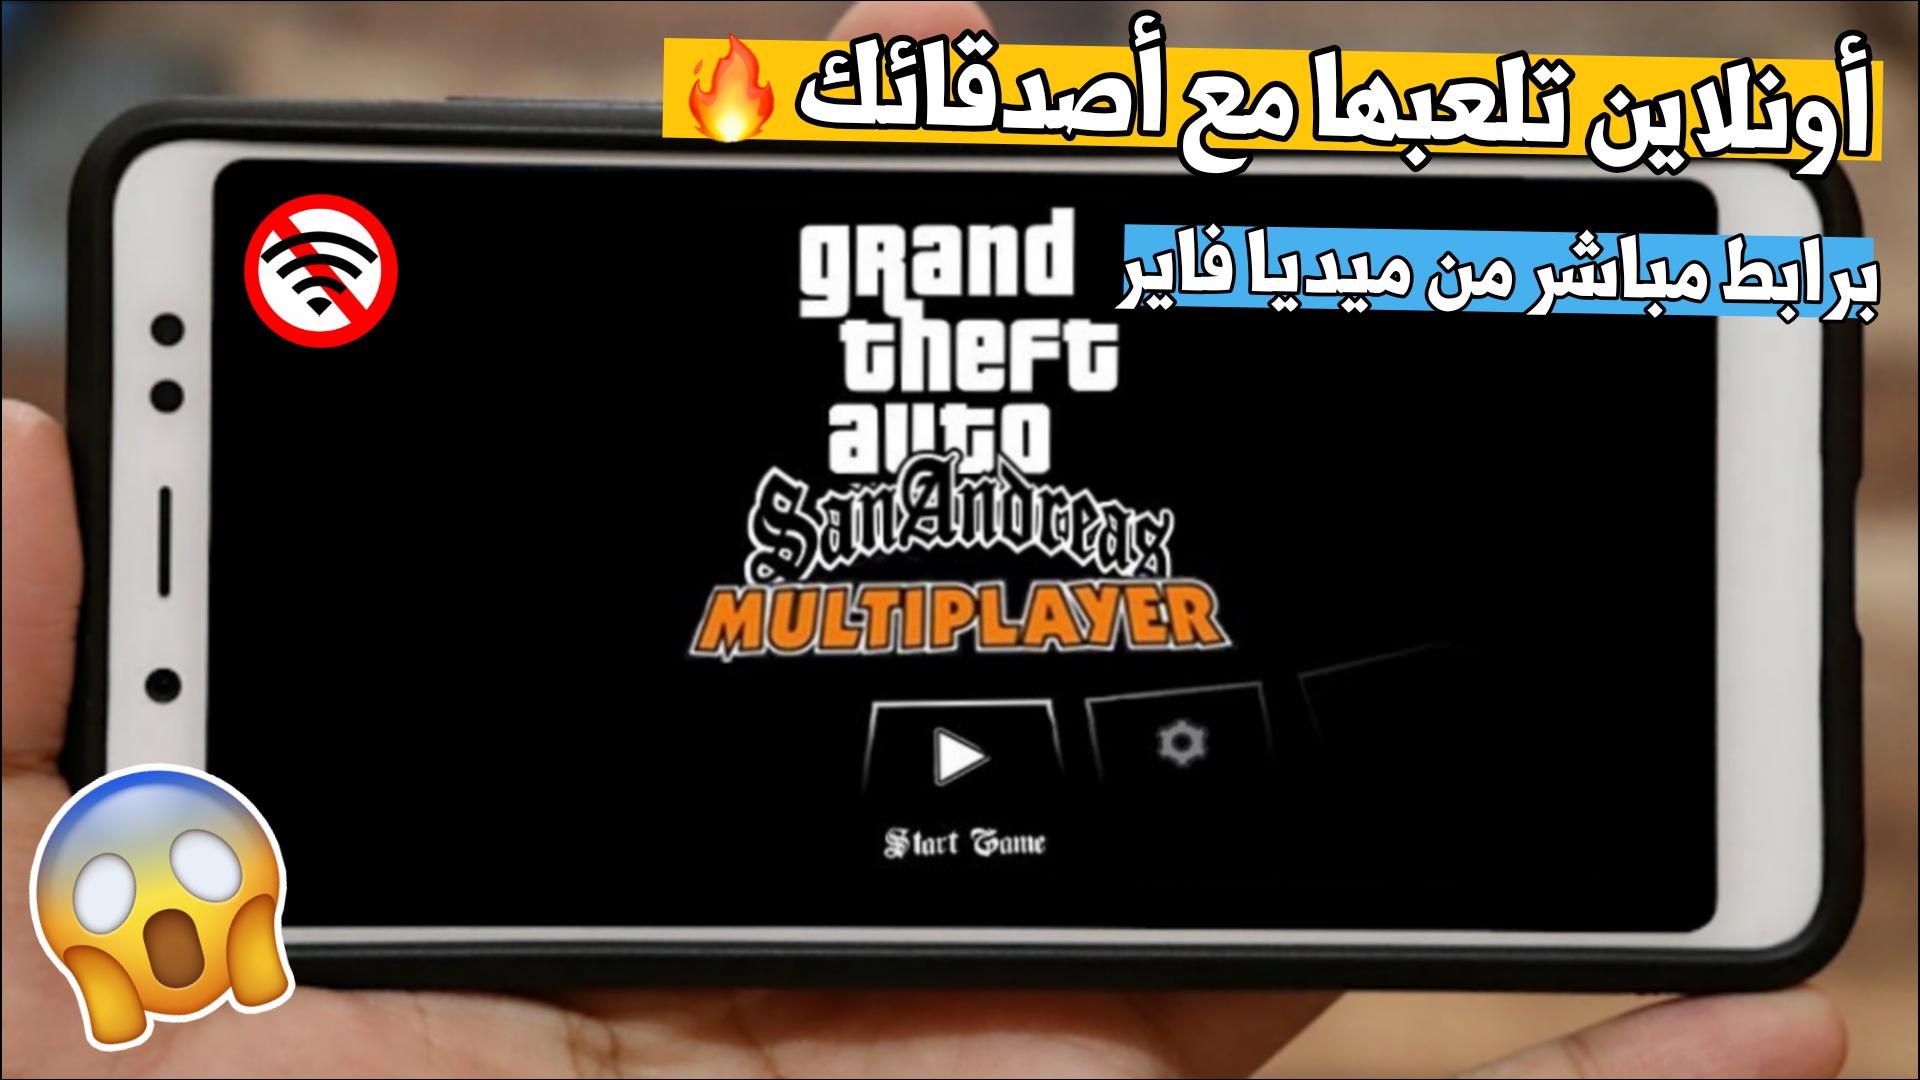 حصريا تحميل لعبة  gta san online للاندرويد 2021 اونلاين تلعبها مع اصدقائك برابط مباشر من ميديافاير